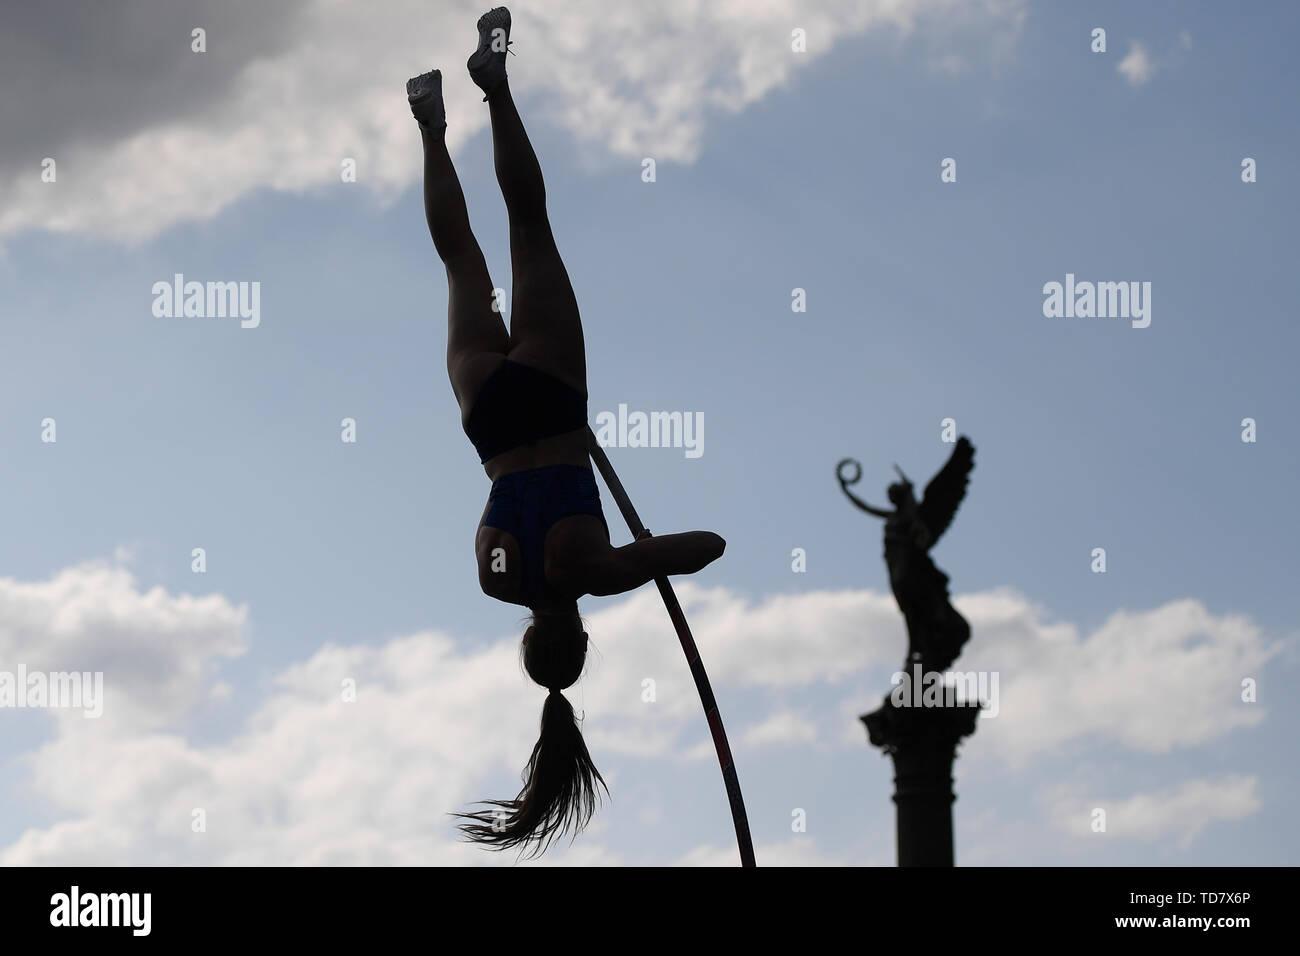 Prague, République tchèque. 13 Juin, 2019. Deuxième Alysha Newman du Canada en action pendant la pôle Prague rencontrez, République tchèque, Juin 13, 2019. Credit: Ondrej Deml/CTK Photo/Alamy Live News Photo Stock